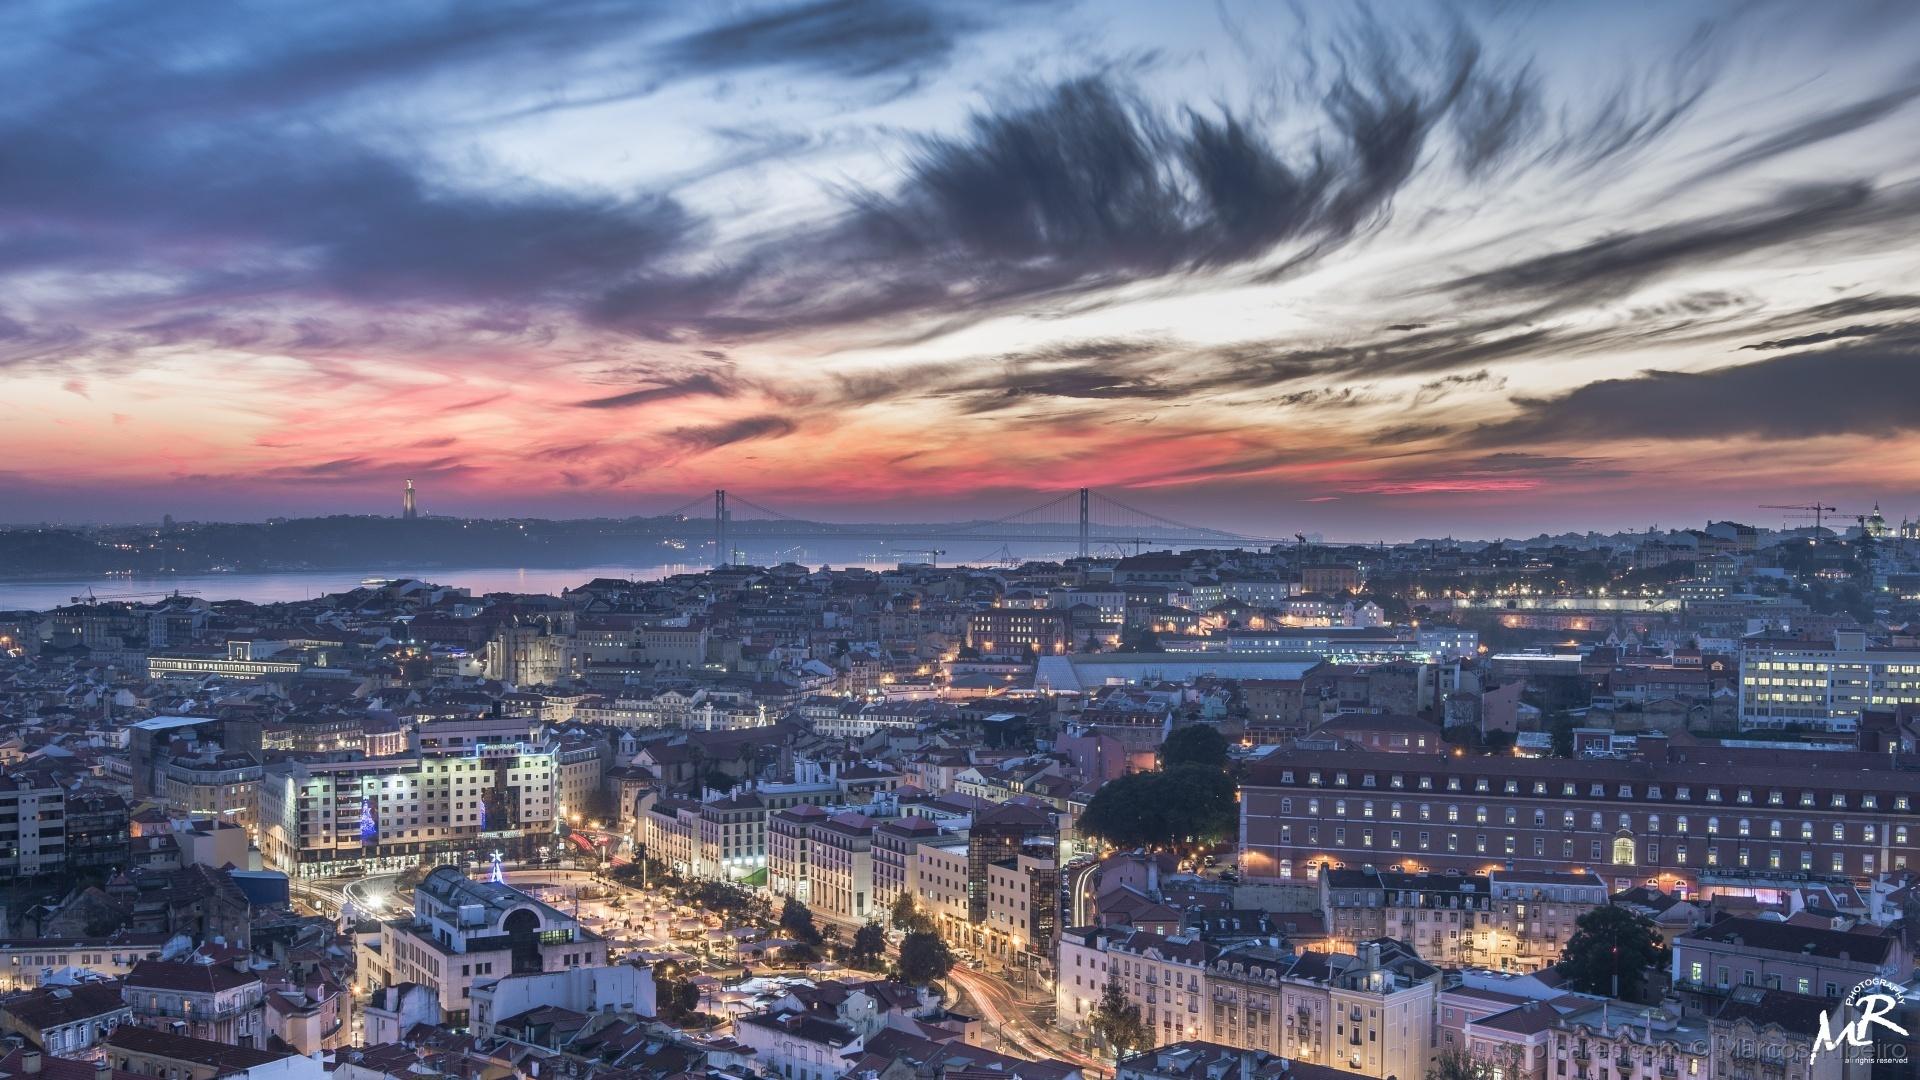 Marcos-Ribeiro | Lisboa - Miradouro da Senhora do Monte